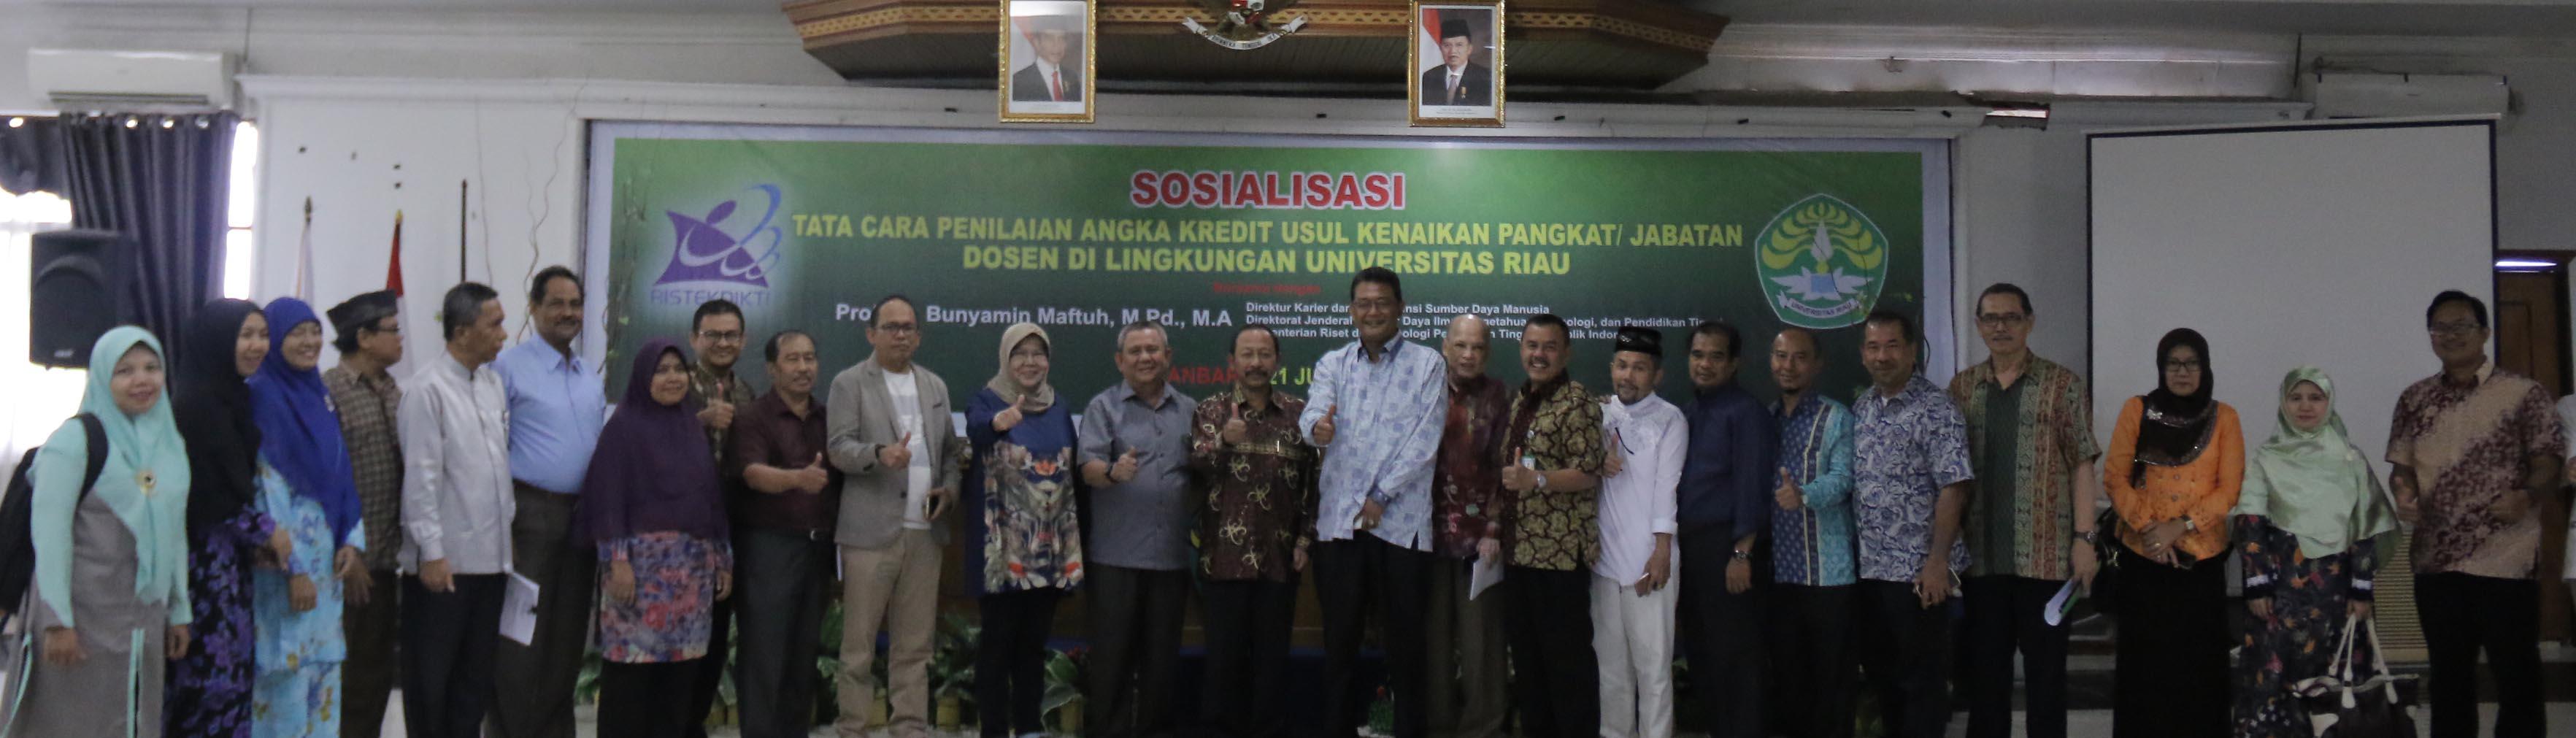 Wakil Rektor Bidang Perencanaan dan Sistem Informasi berfoto bersama narasumber dan peserta kegiatan sosialisasi